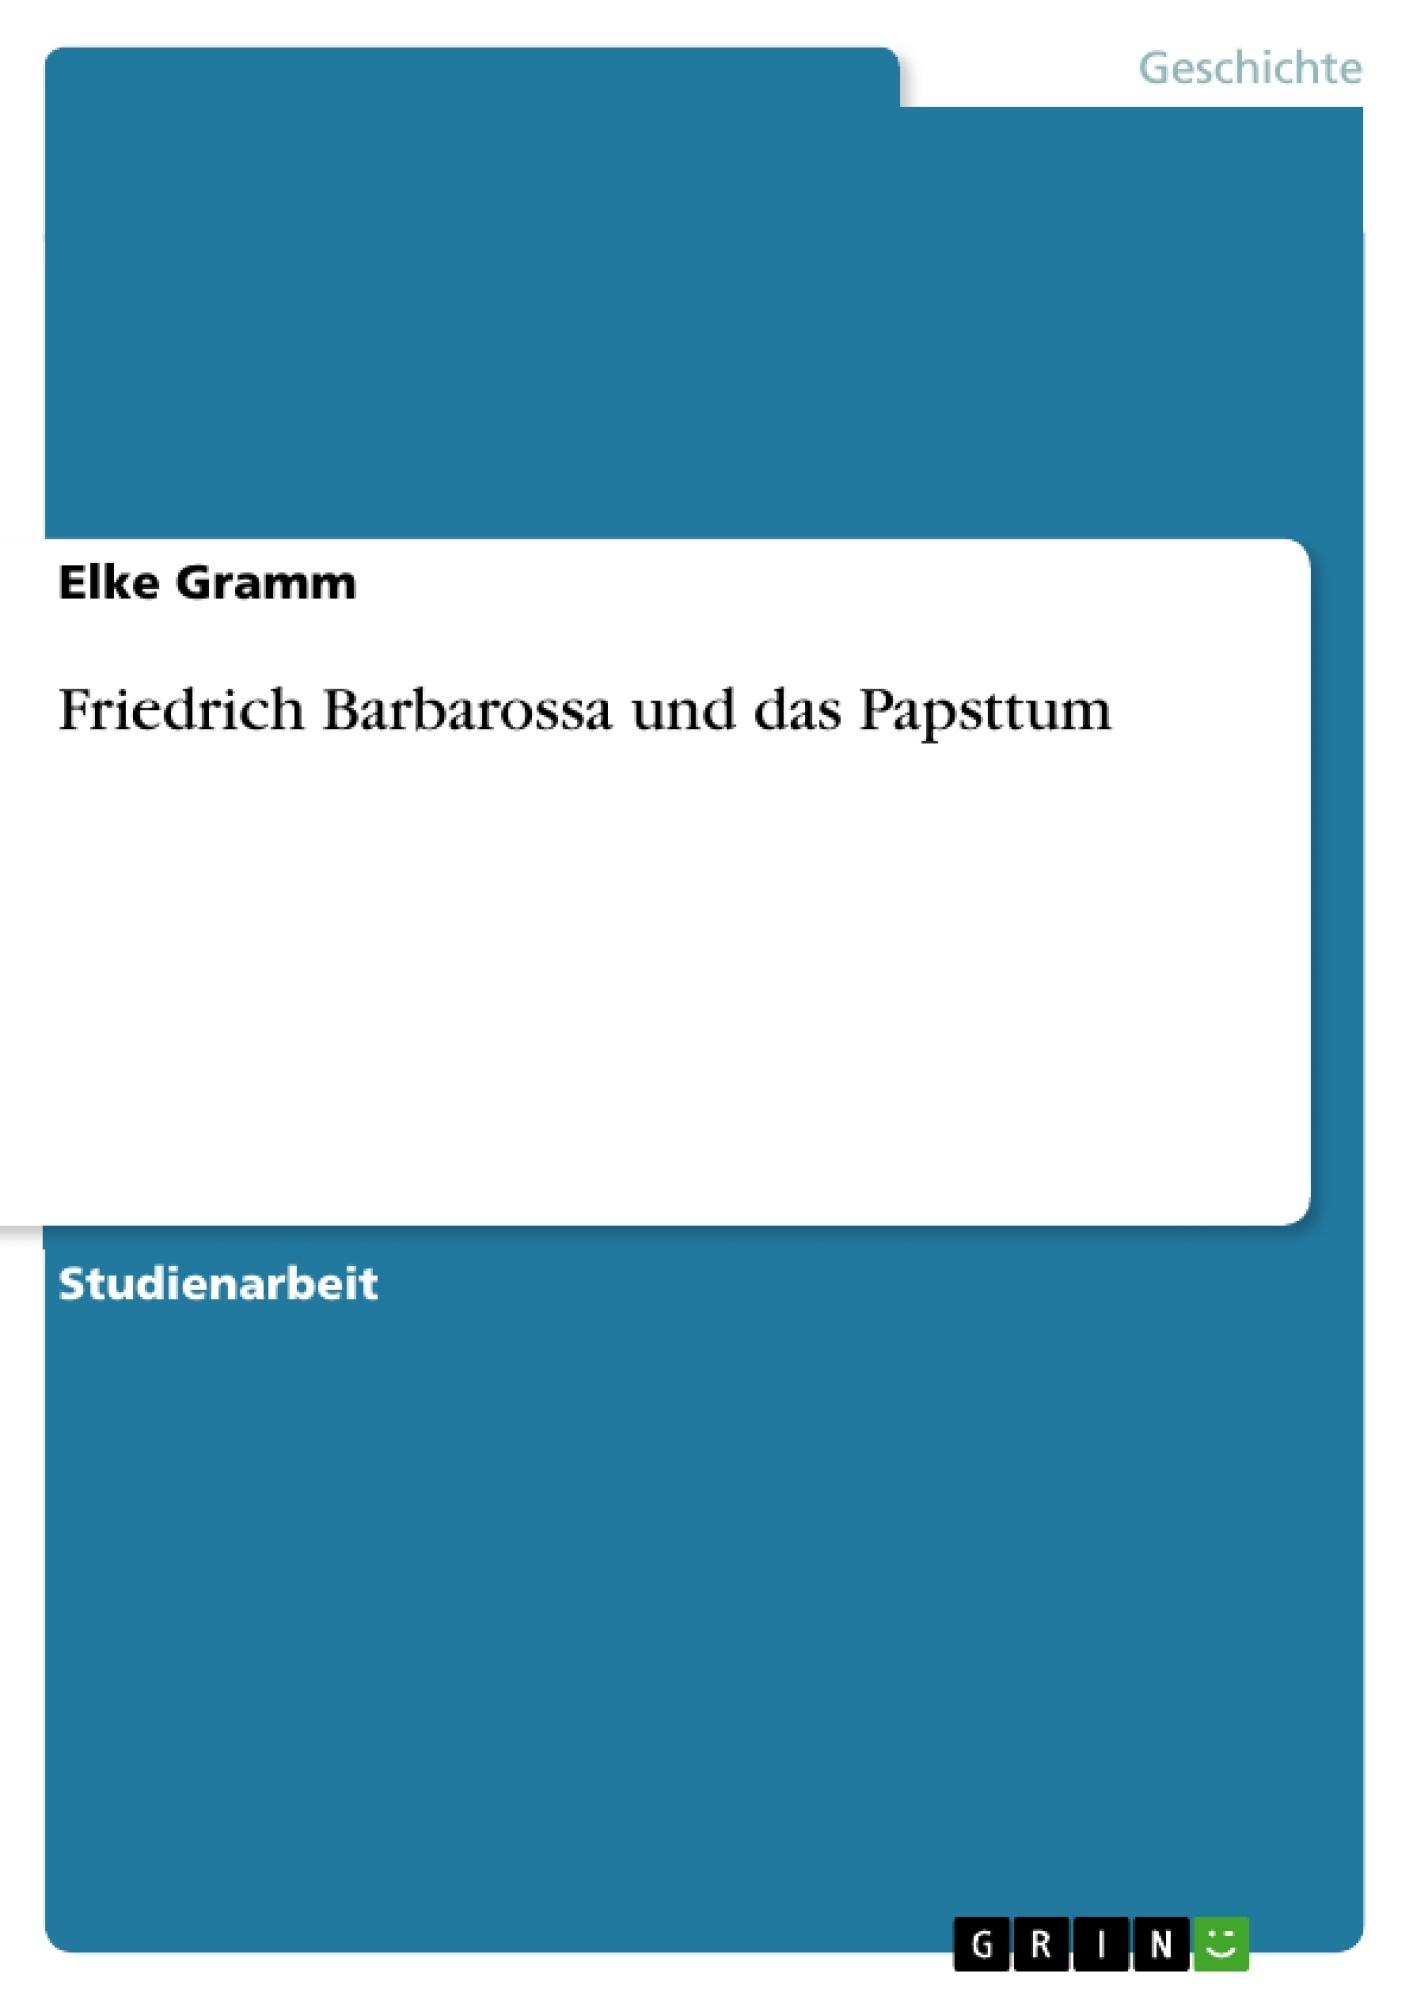 Titel: Friedrich Barbarossa und das Papsttum